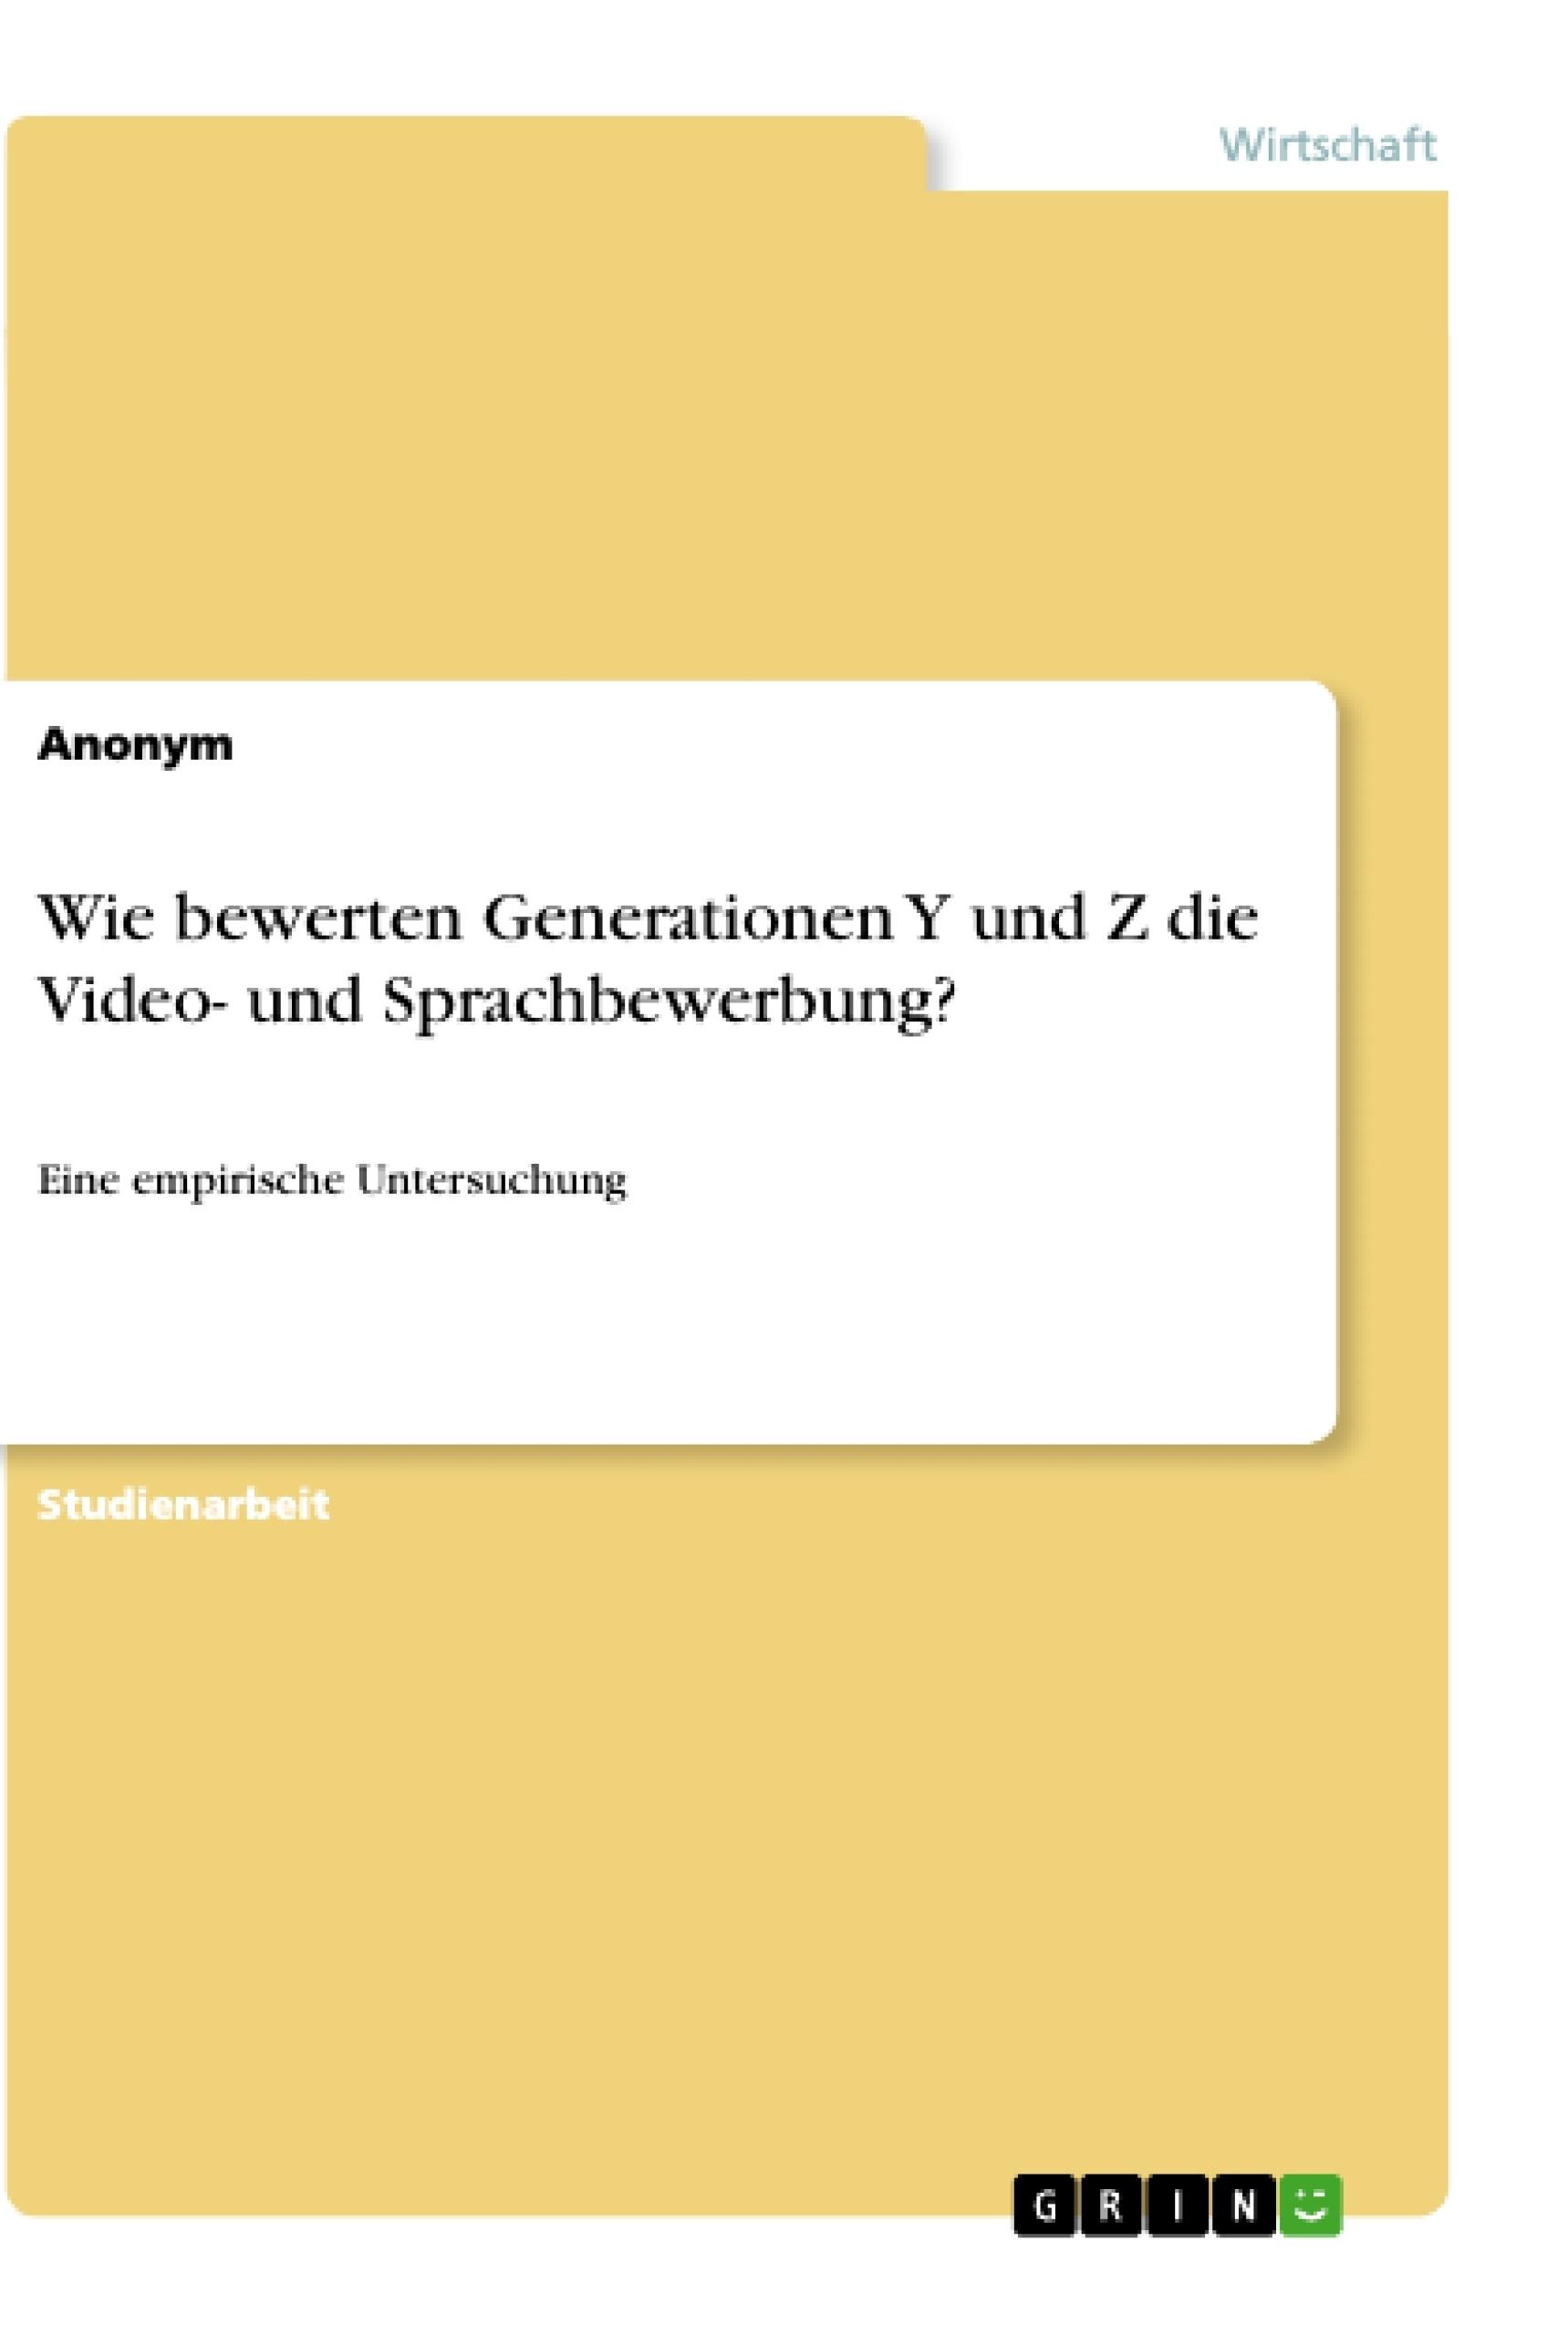 Titel: Wie bewerten Generationen Y und Z die Video- und Sprachbewerbung?